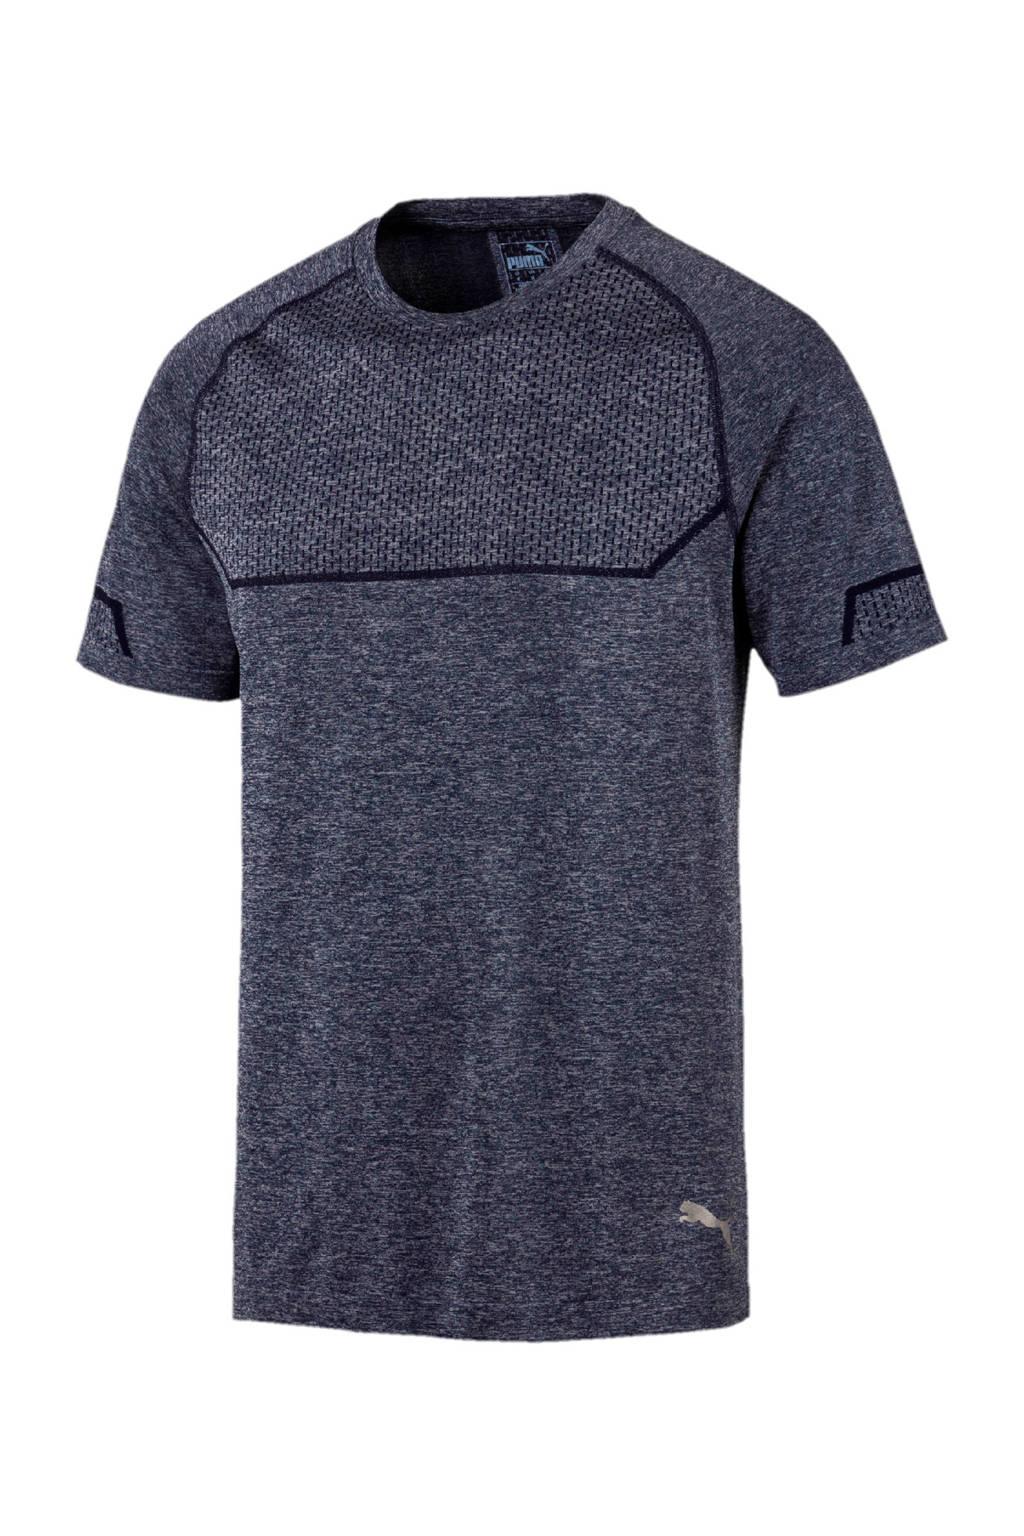 Puma   sport T-shirt grijsblauw, Grijsblauw